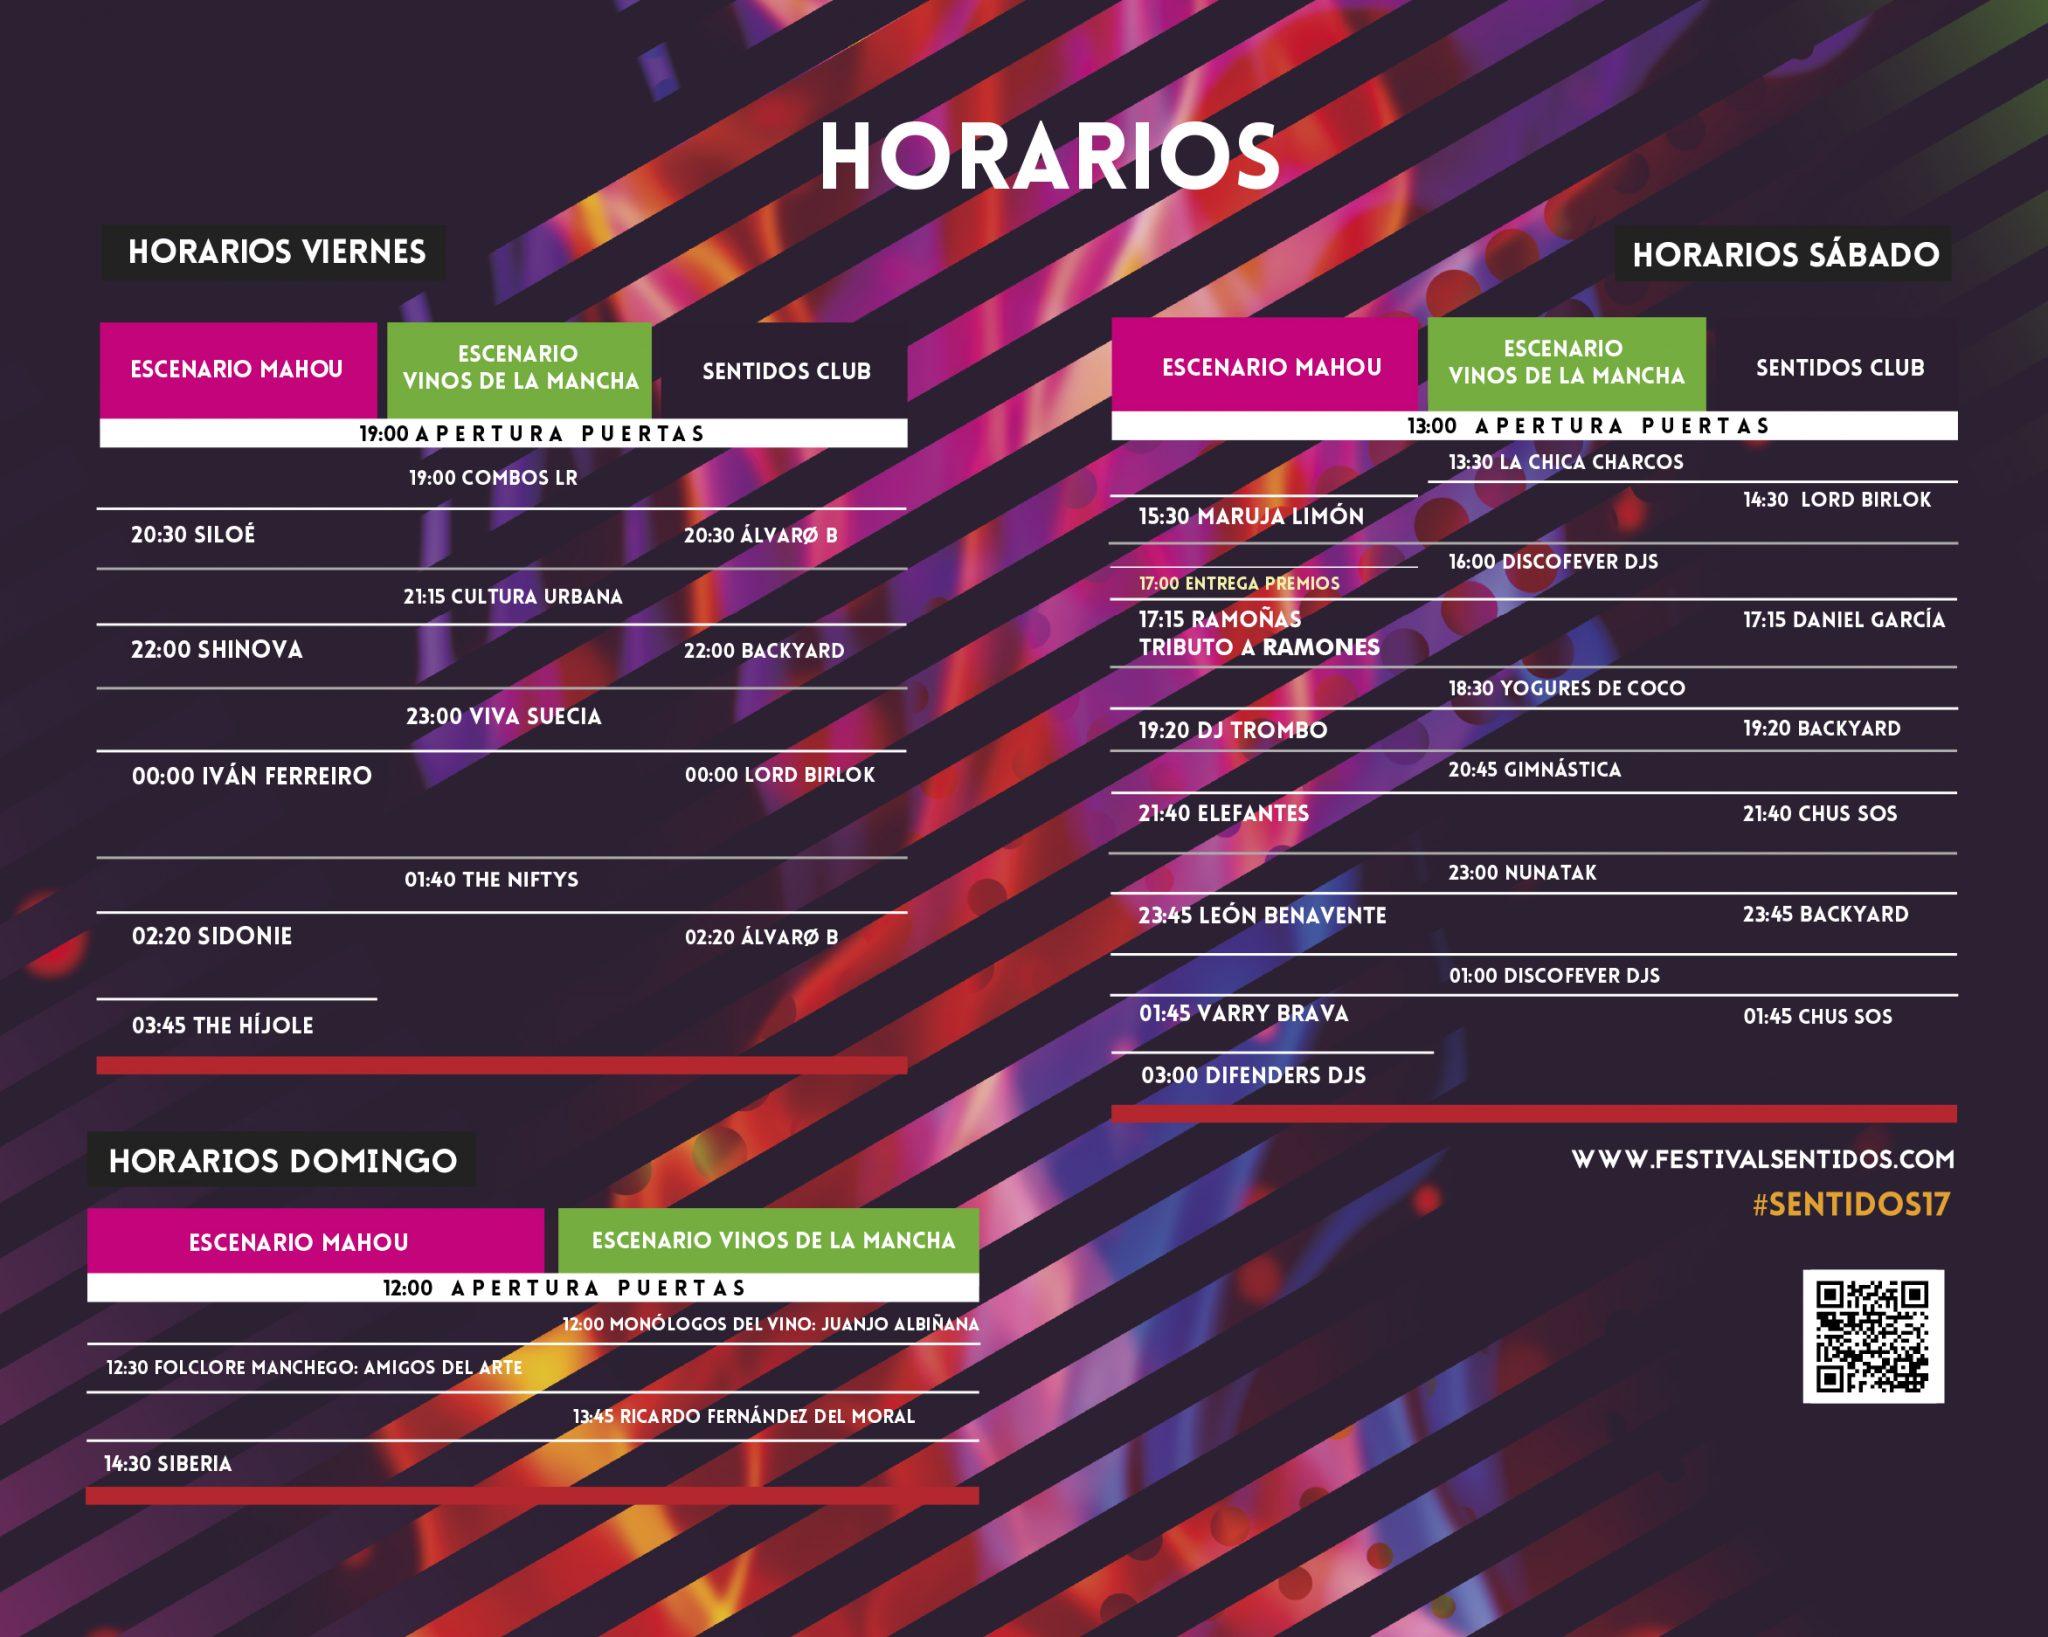 HorariosSentidos17 (2)